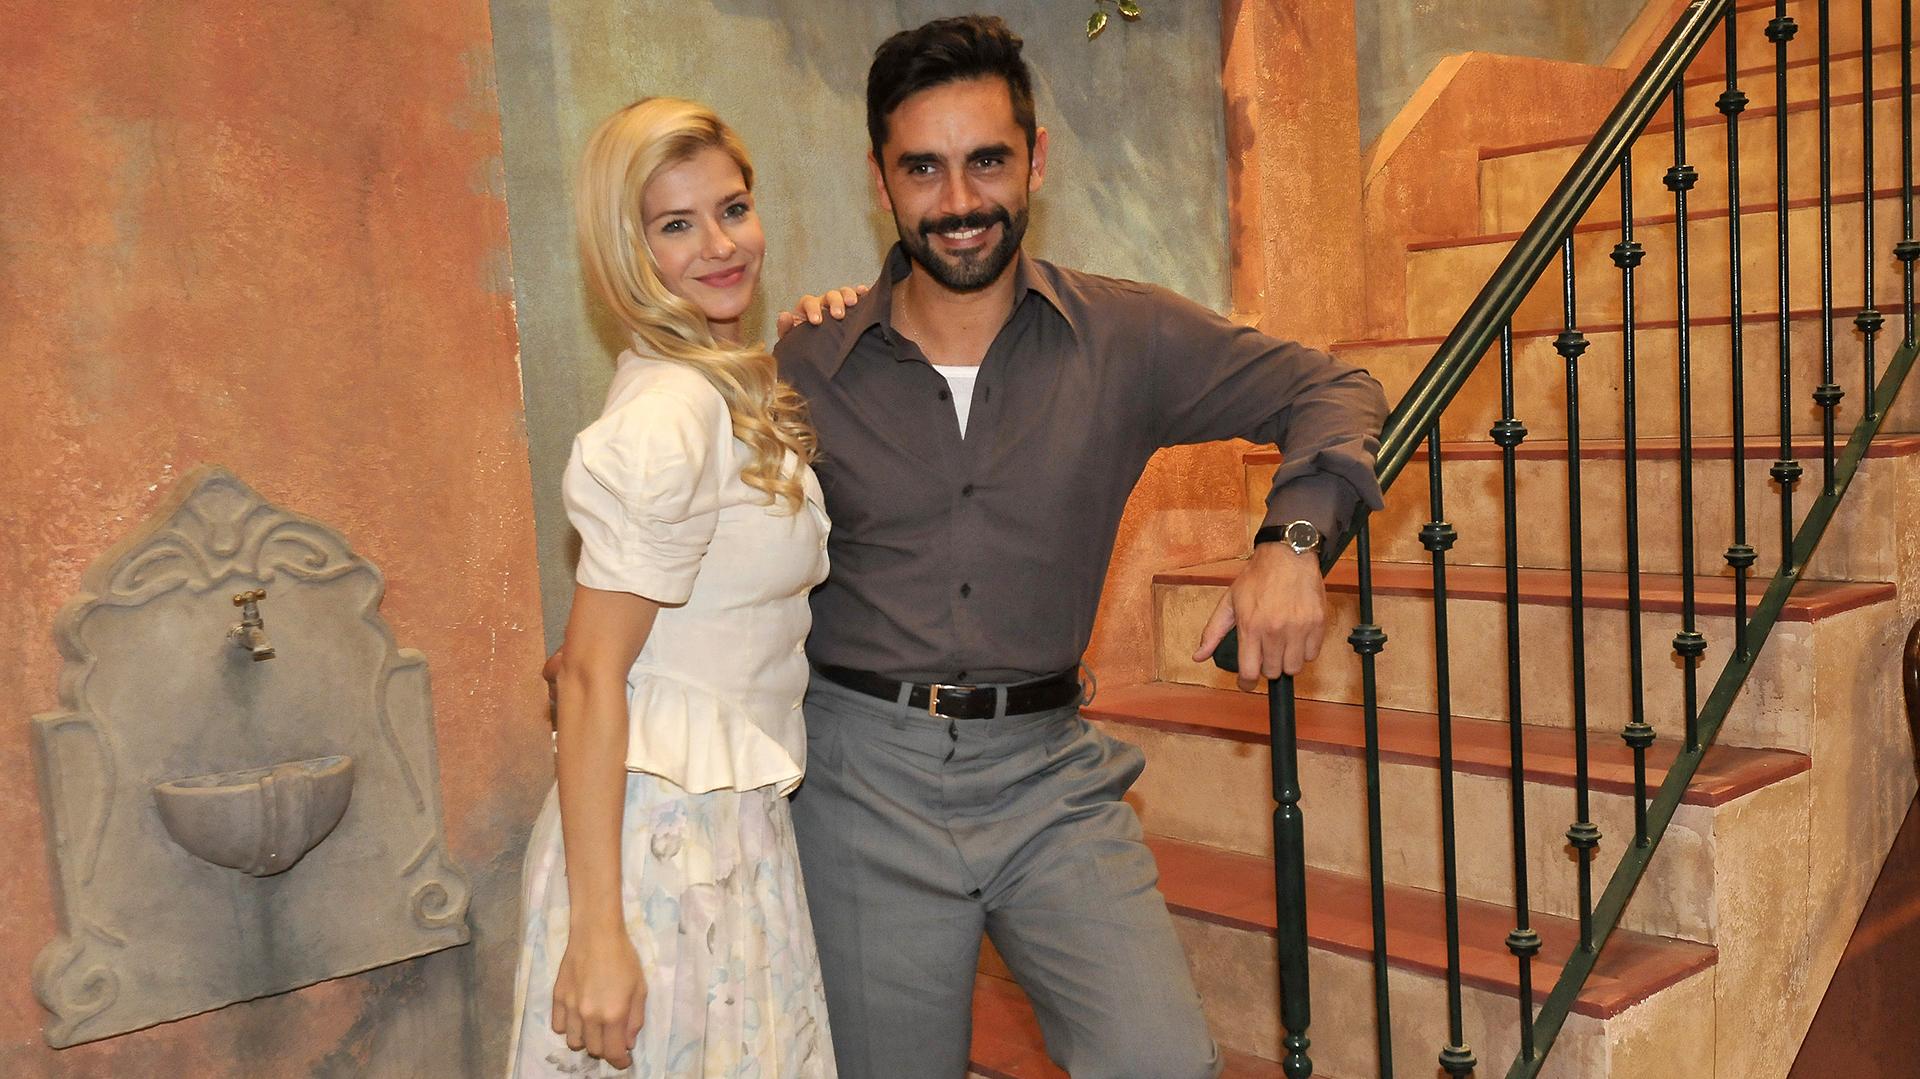 En la trama, Aldo se enamora de Raquel e intentará salvarla al enterarse de que la trajeron engañada para trabajar en un burdel